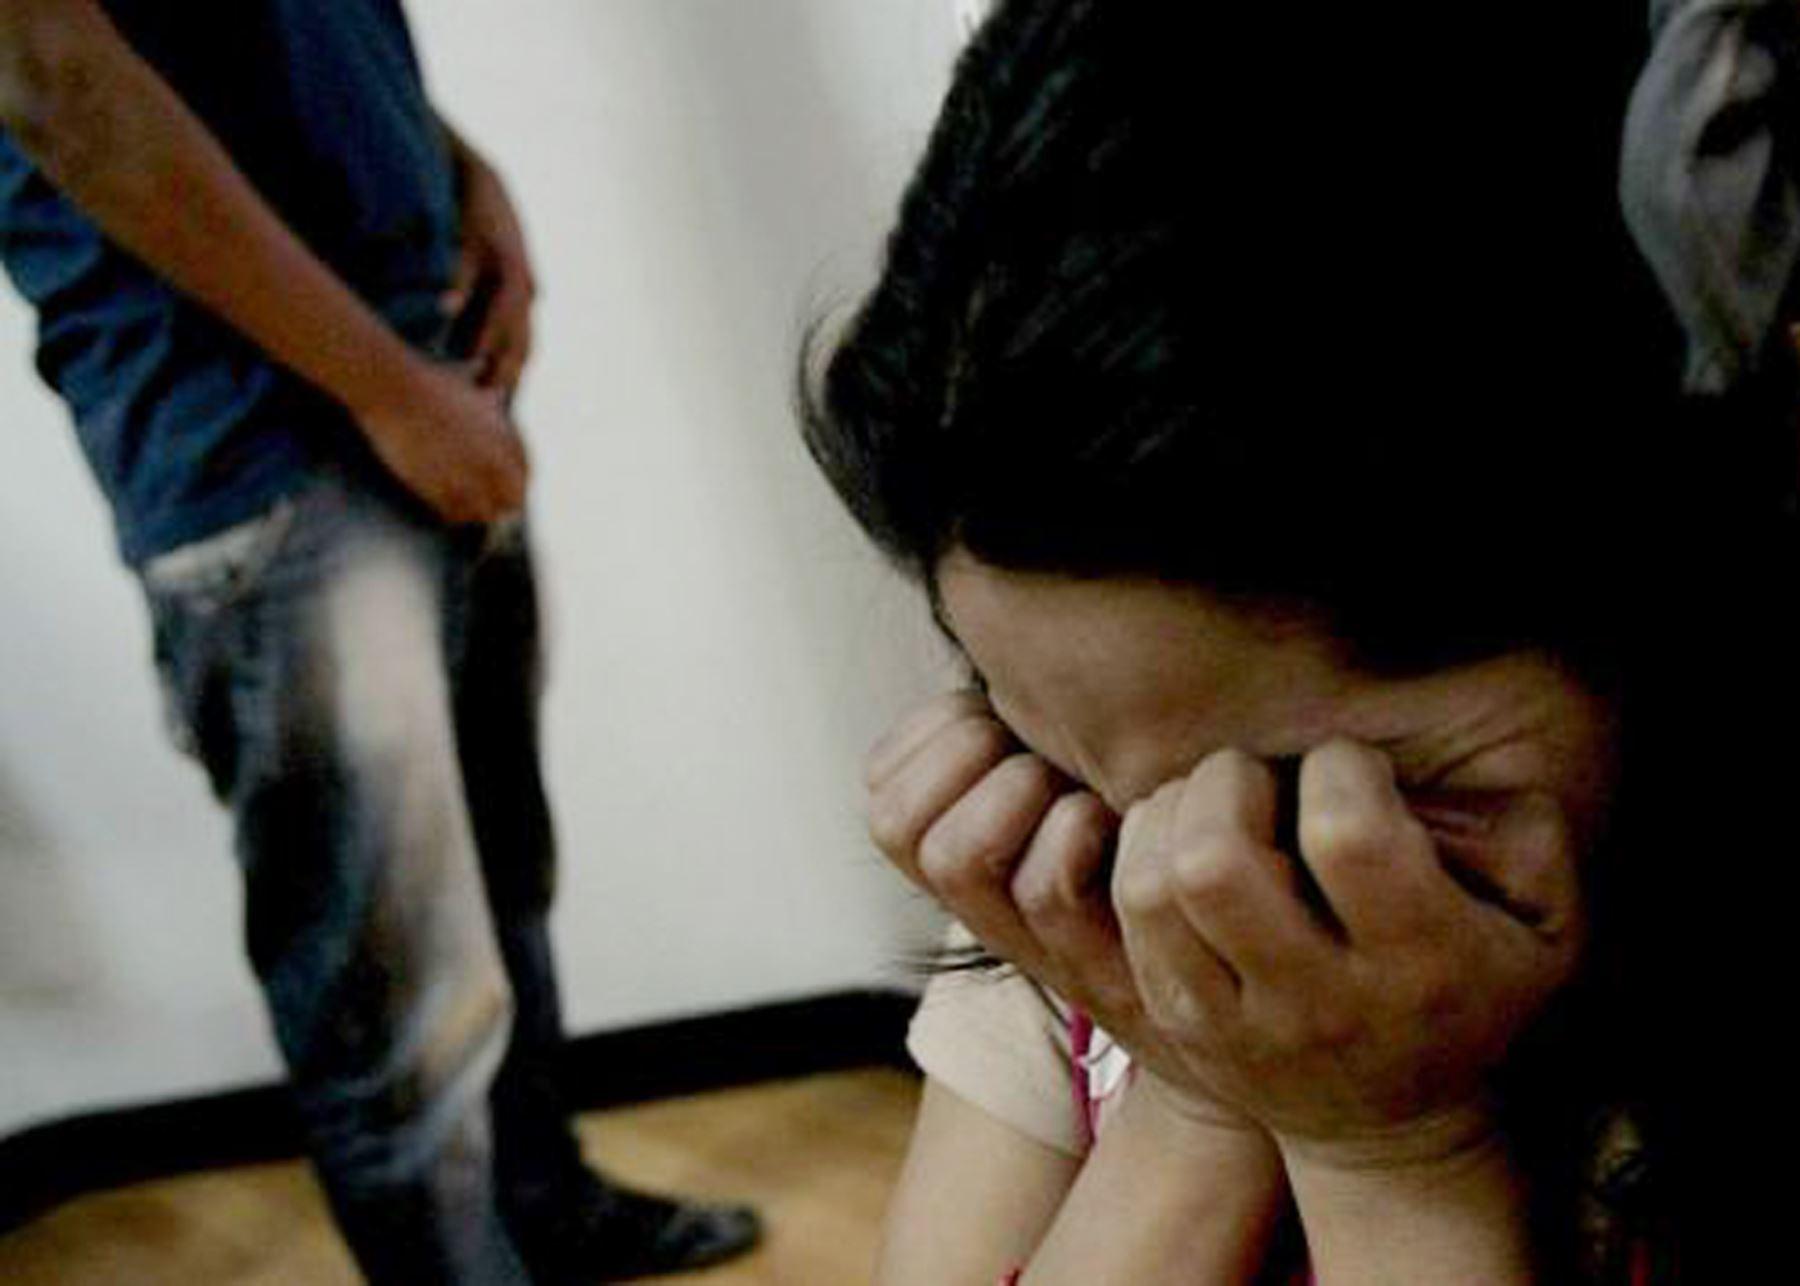 Plantean mecanismos más sencillos para que los propios niños puedan denunciar abusos. Foto: ANDINA/Difusión.